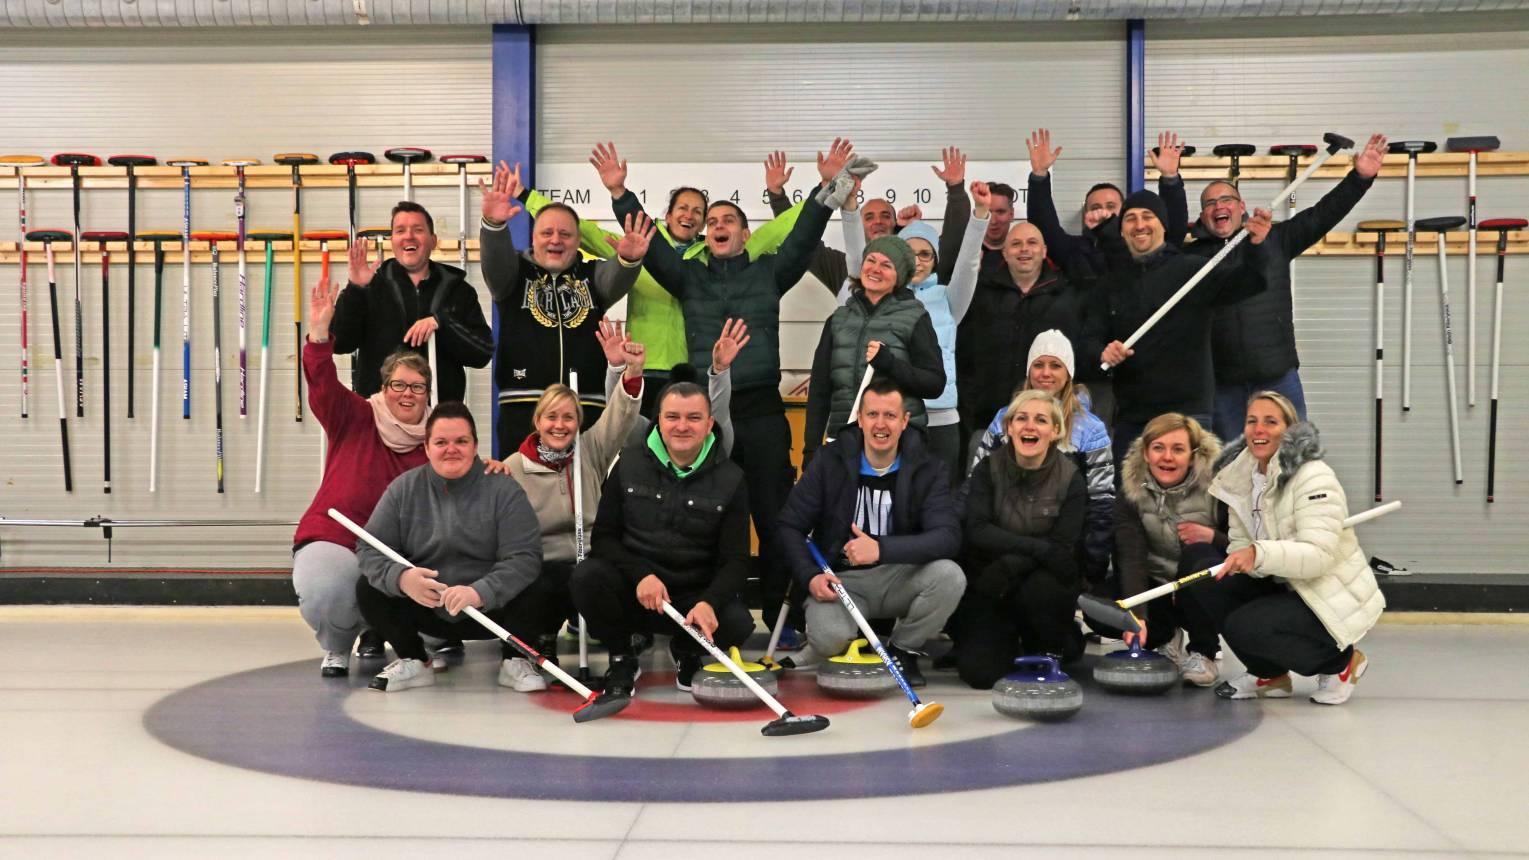 Curling verseny haverokkal 8 fő részére 1 pálya